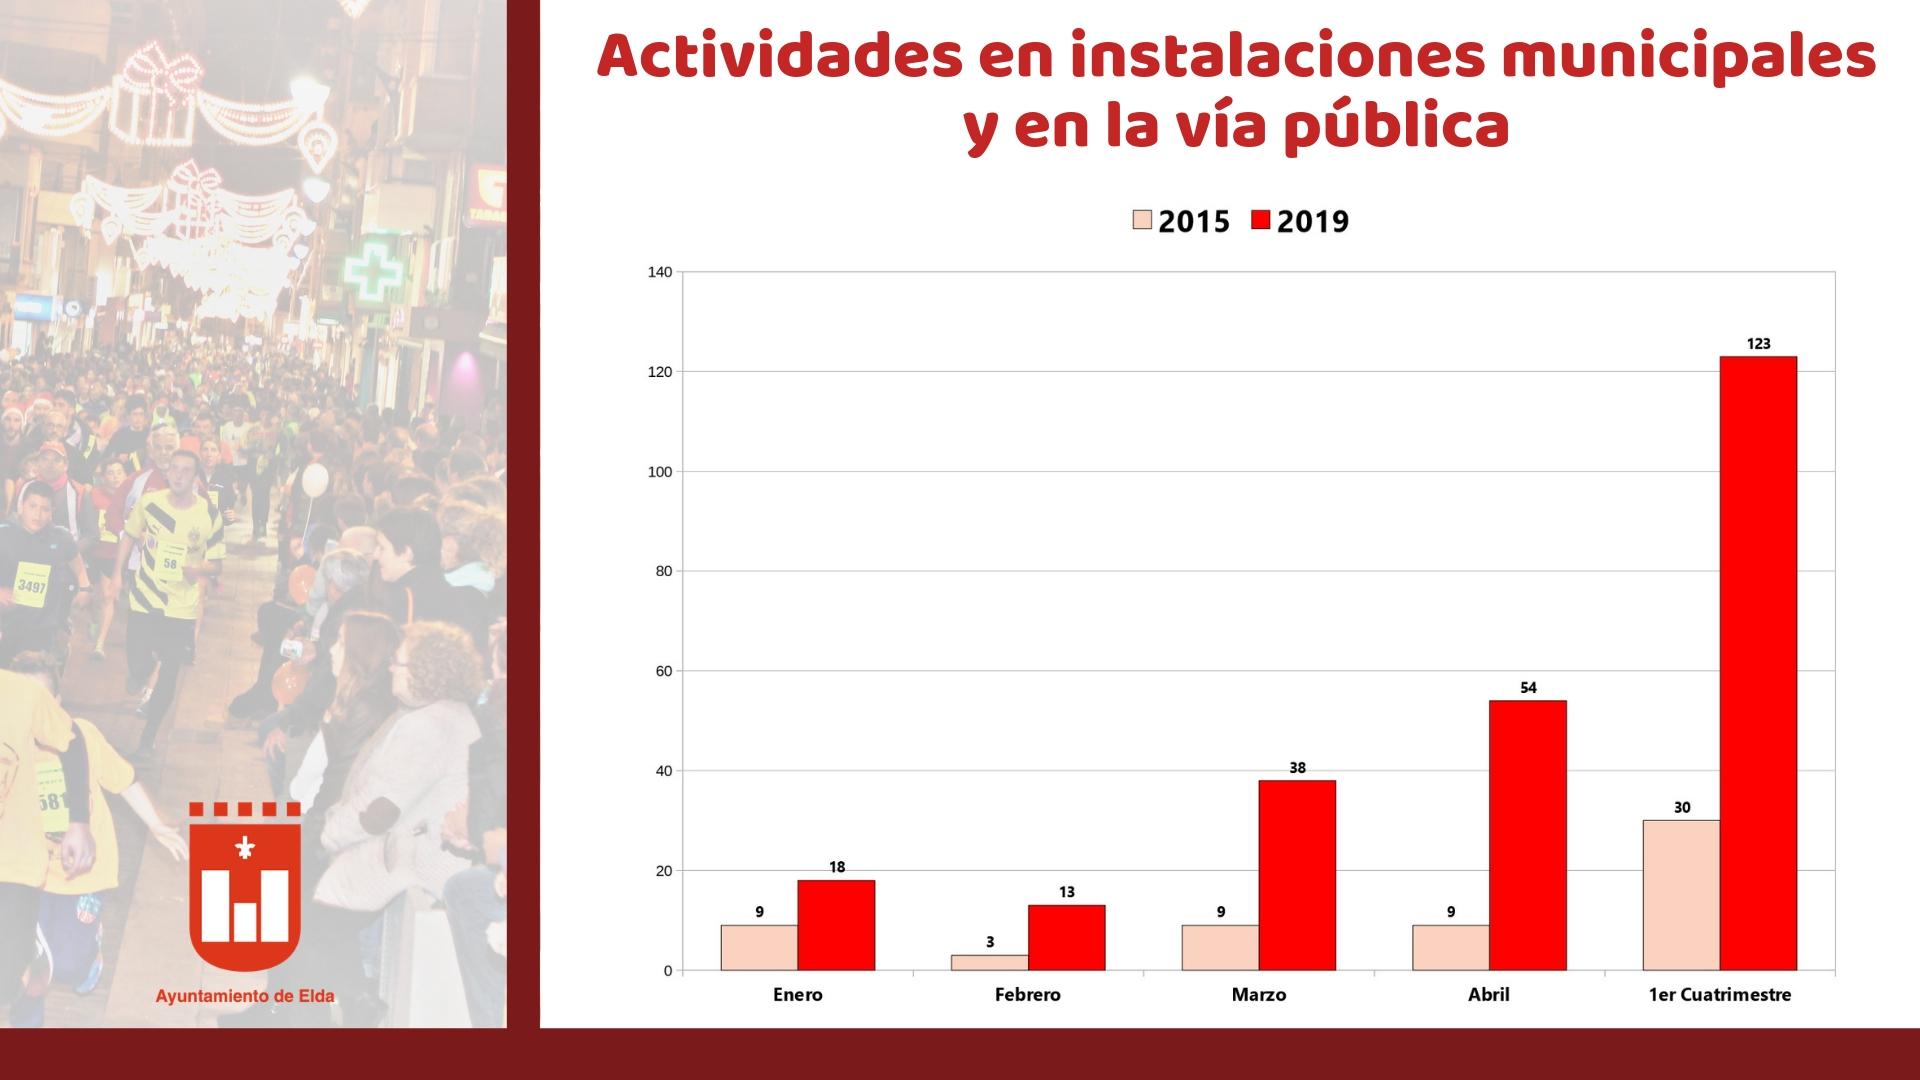 Elda cuadruplica el número de eventos en la vía pública en los últimos cuatro años